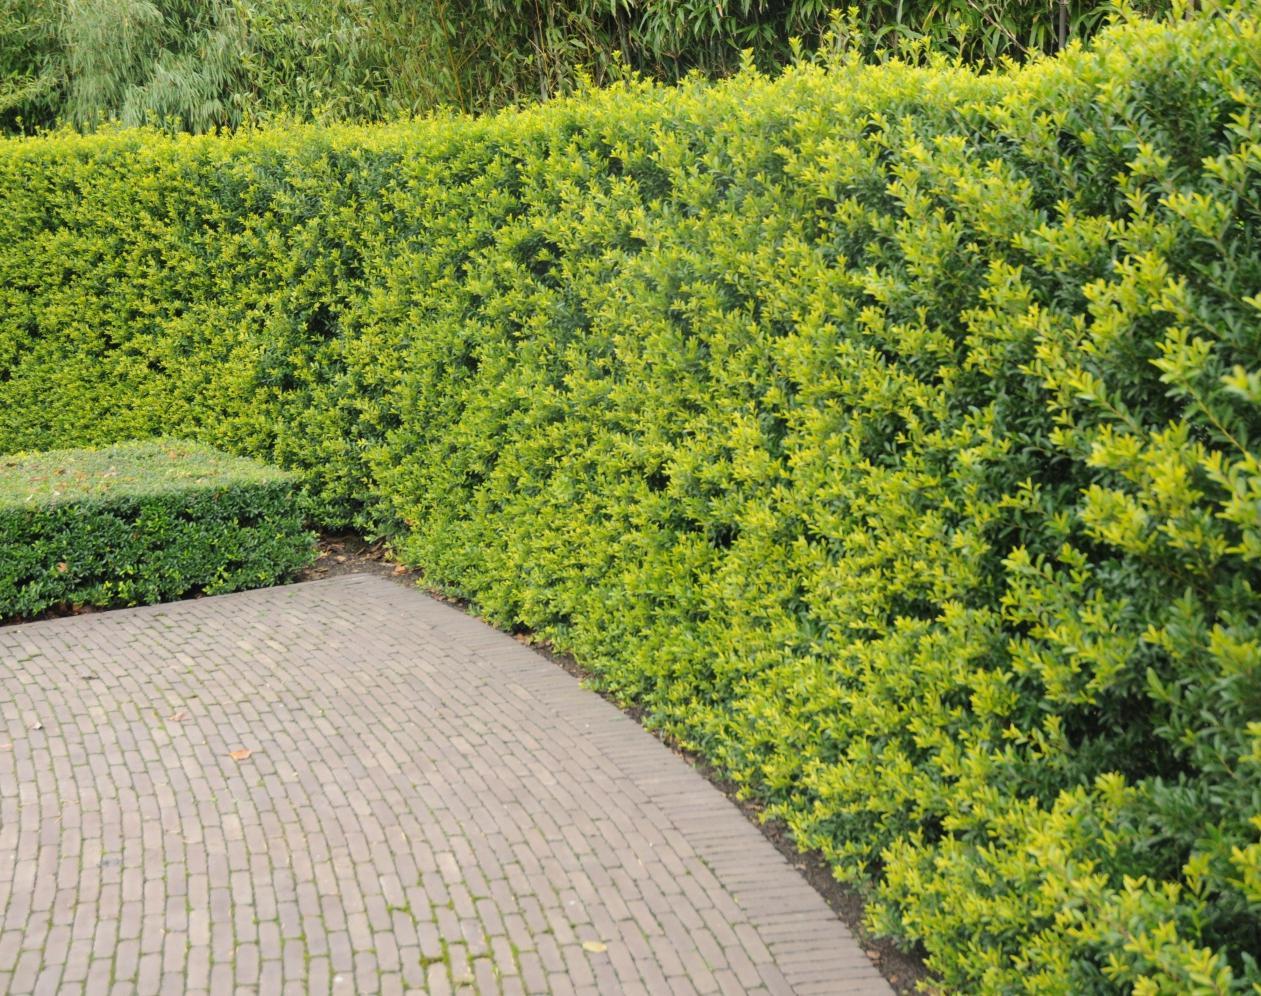 20 Stück ilex crenata Green Hedge 15-20 cm Buchsbaum Ersatz Heckenpflanze